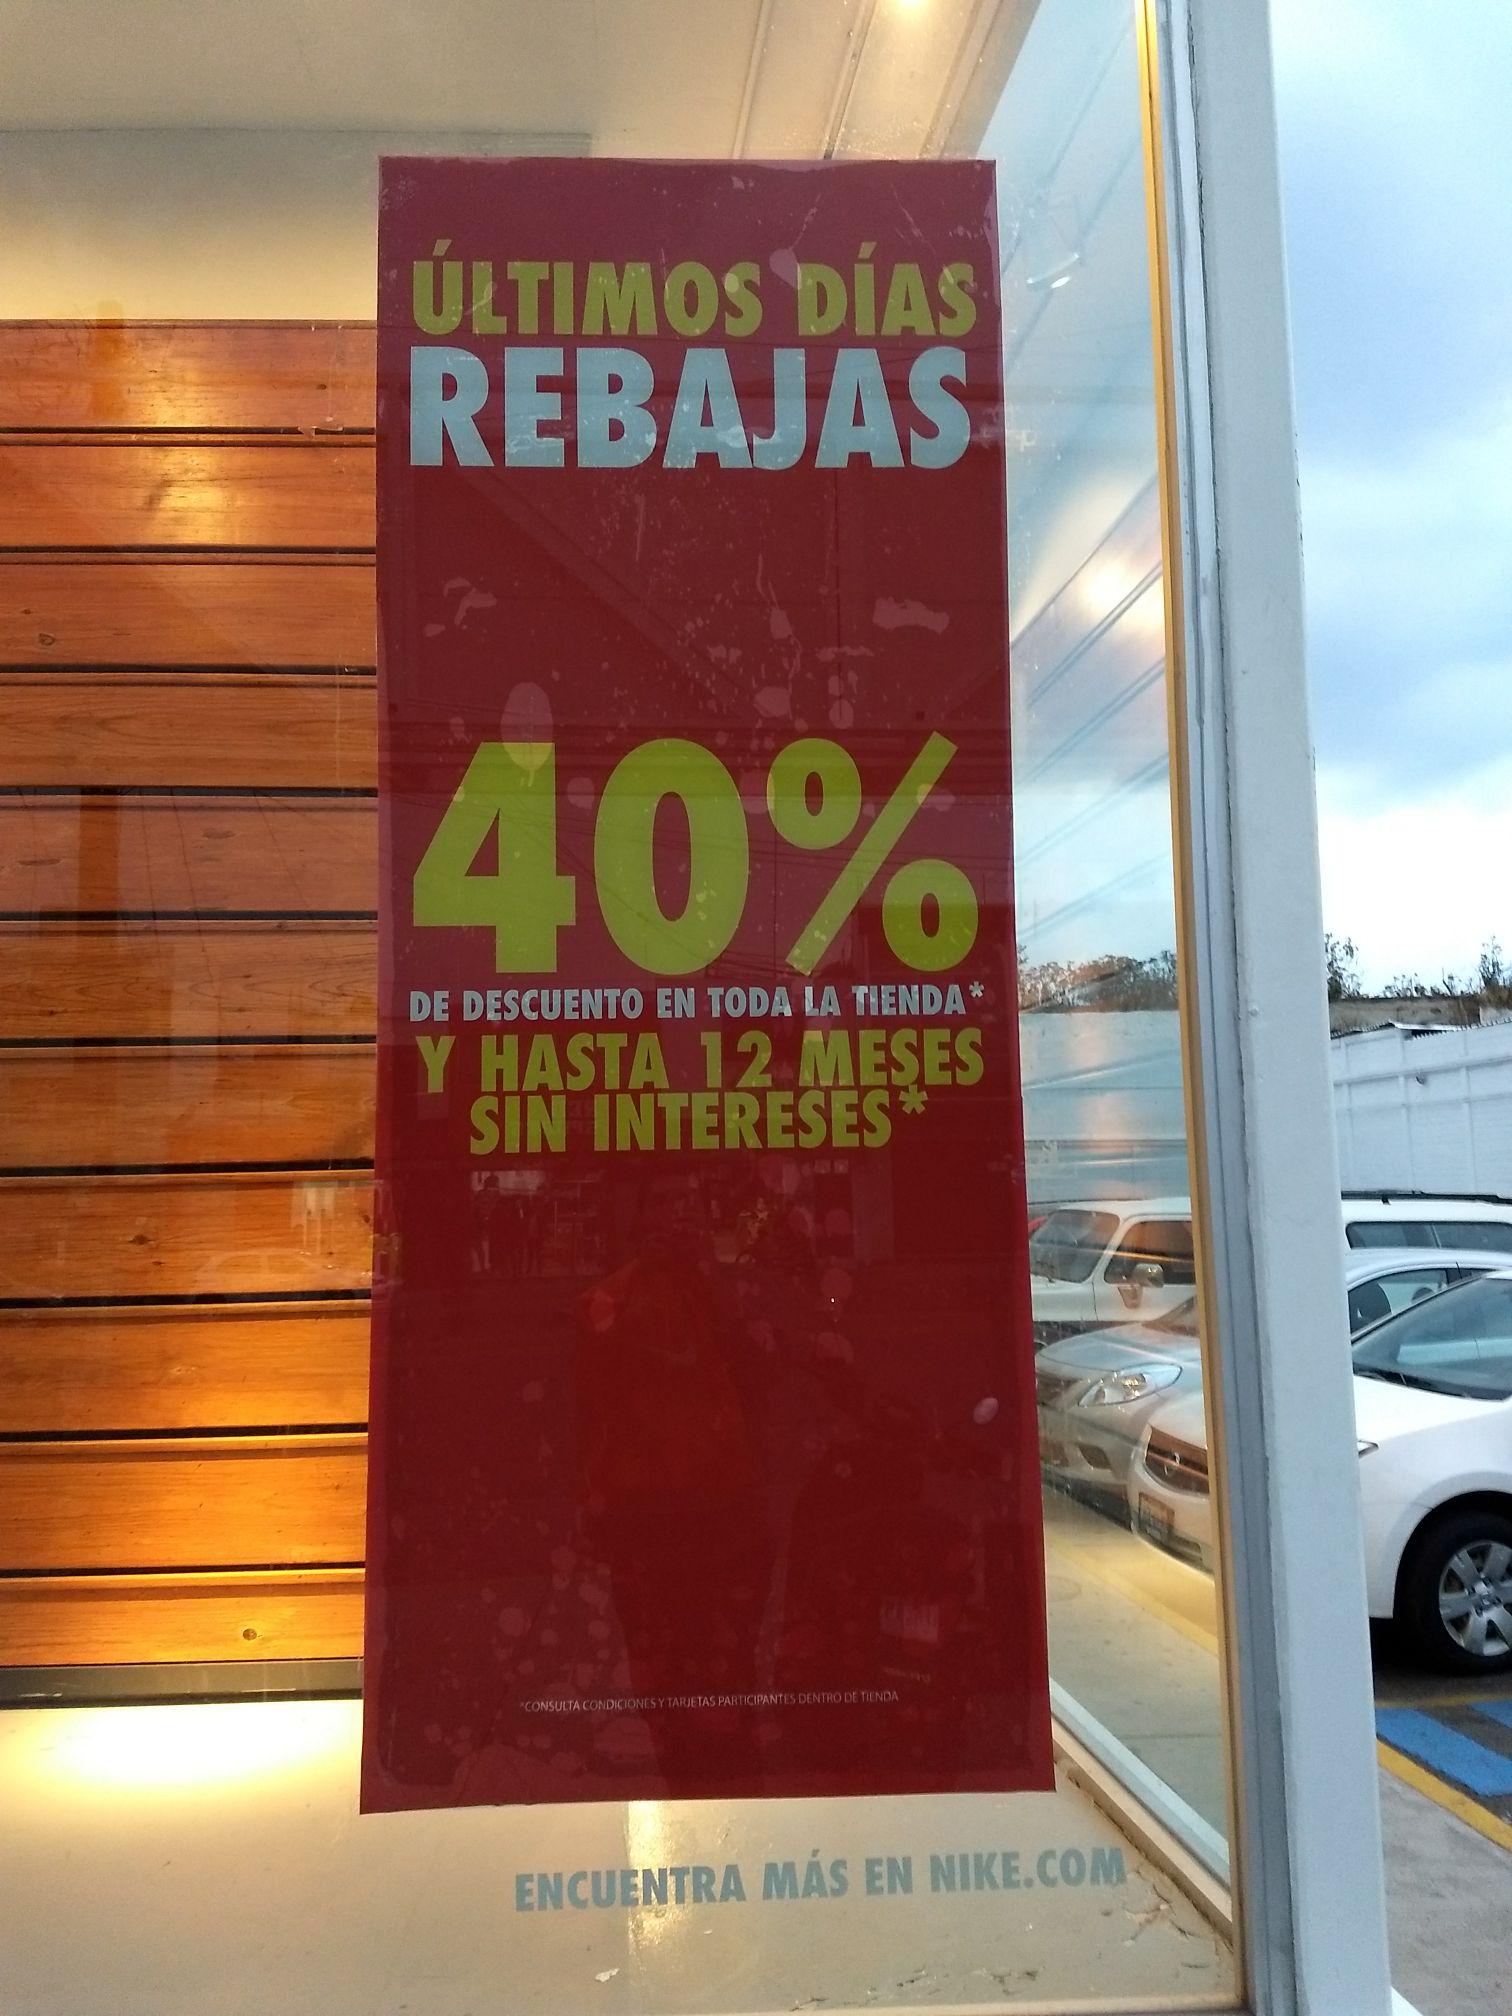 Nike Factory: 40% descuento comprando de 2 en 2 en toda la tienda